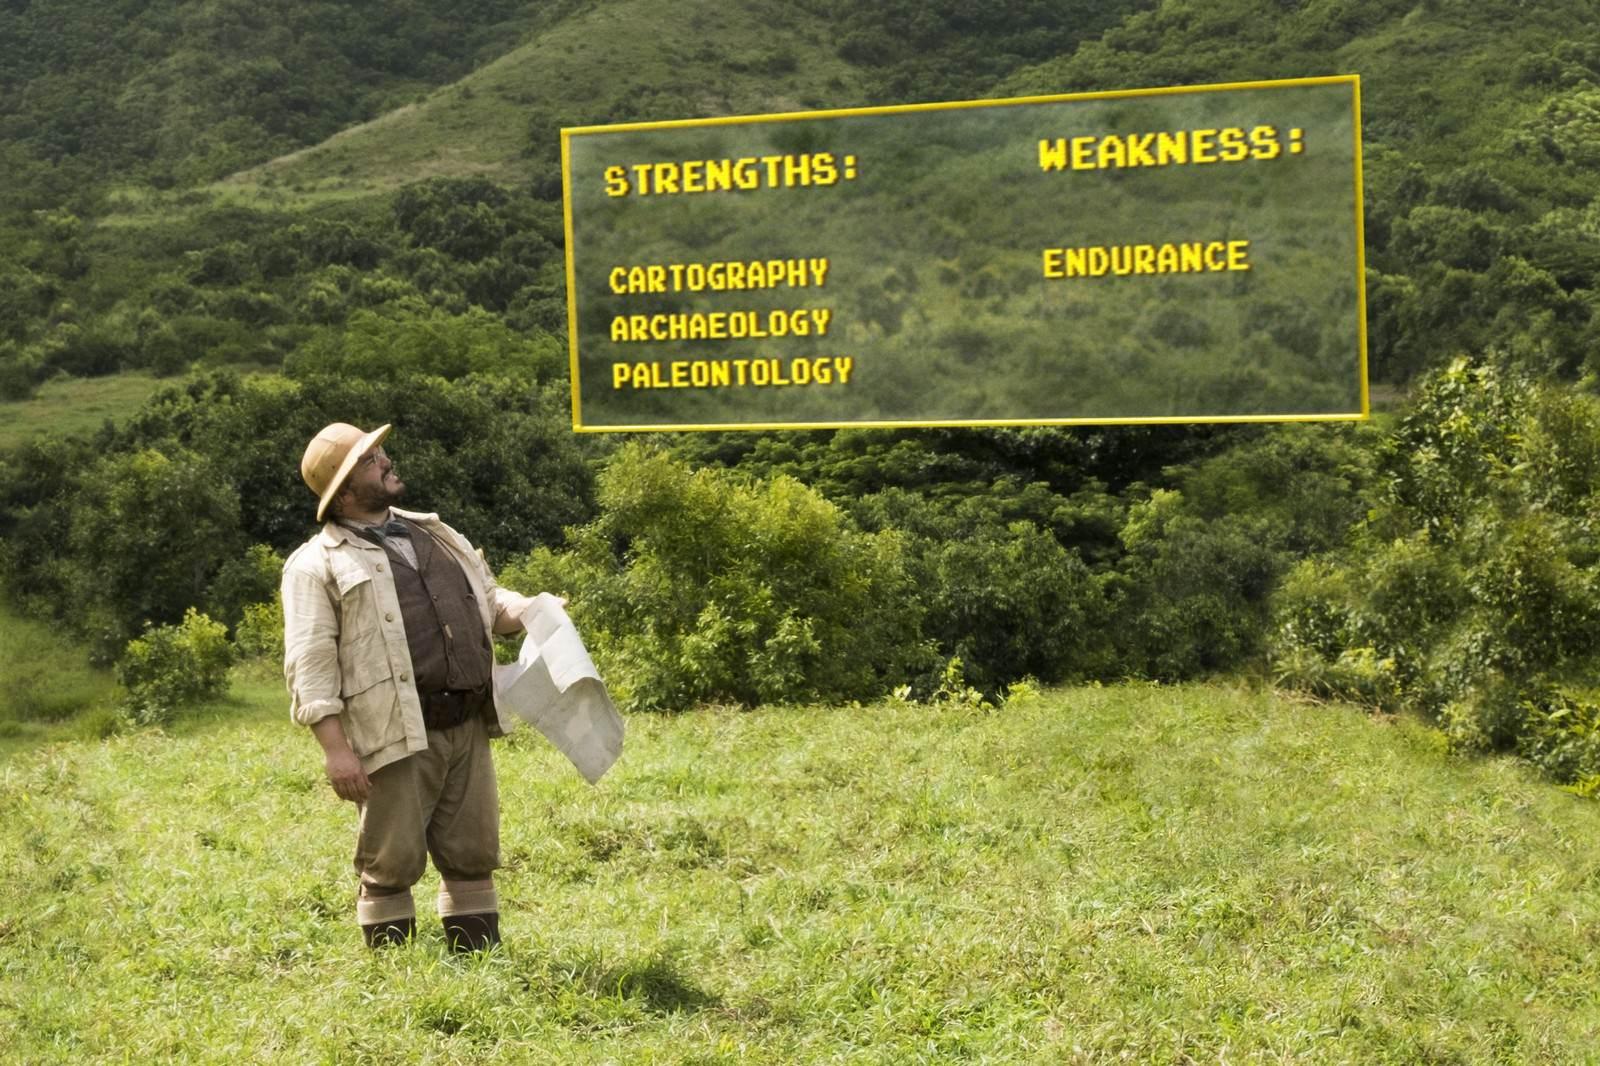 Movie, Jumanji: Welcome to the Jungle(美國, 2017) / 野蠻遊戲:瘋狂叢林(台灣) / 勇敢者游戏:决战丛林(中國) / 逃出魔幻紀:叢林挑機(香港), 電影劇照